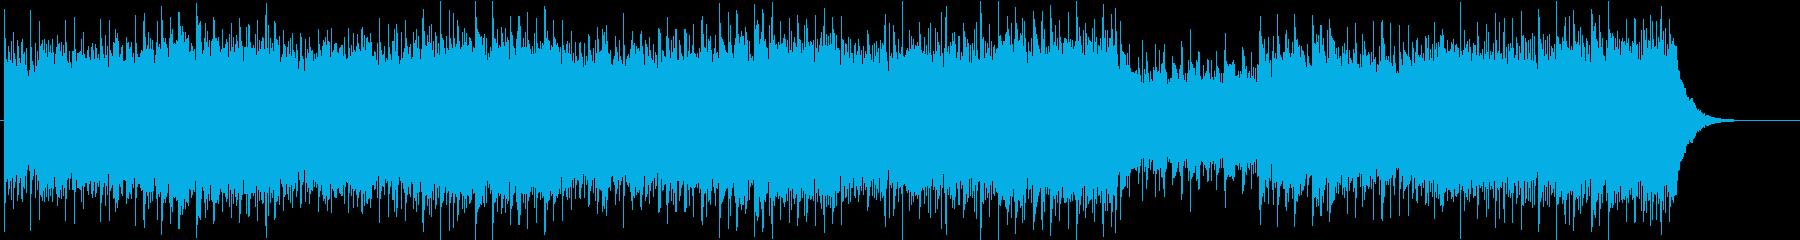 軽快で不思議な雰囲気のあるピアノ曲の再生済みの波形